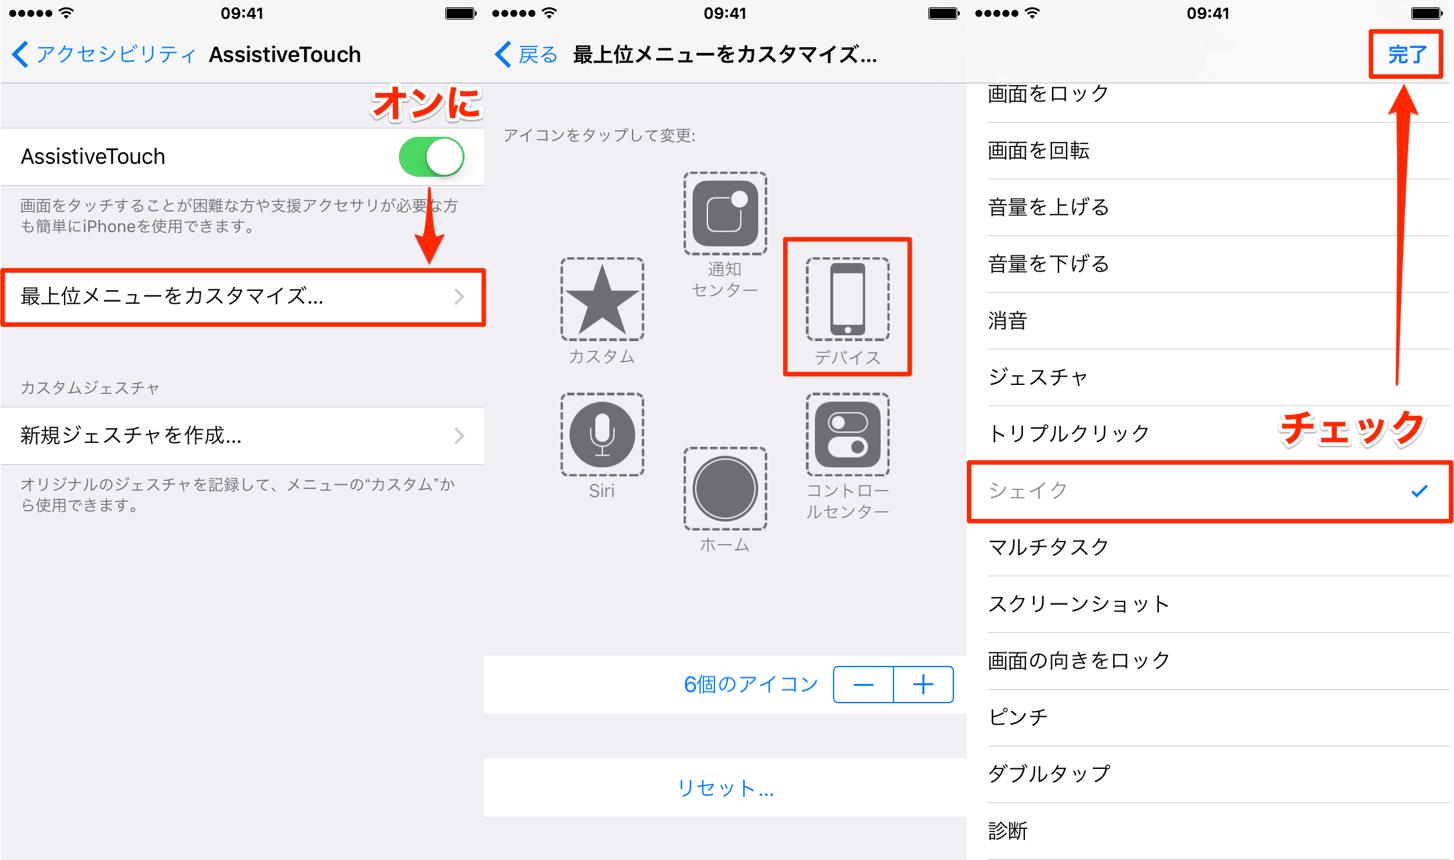 IPhoneシェイクを起動する